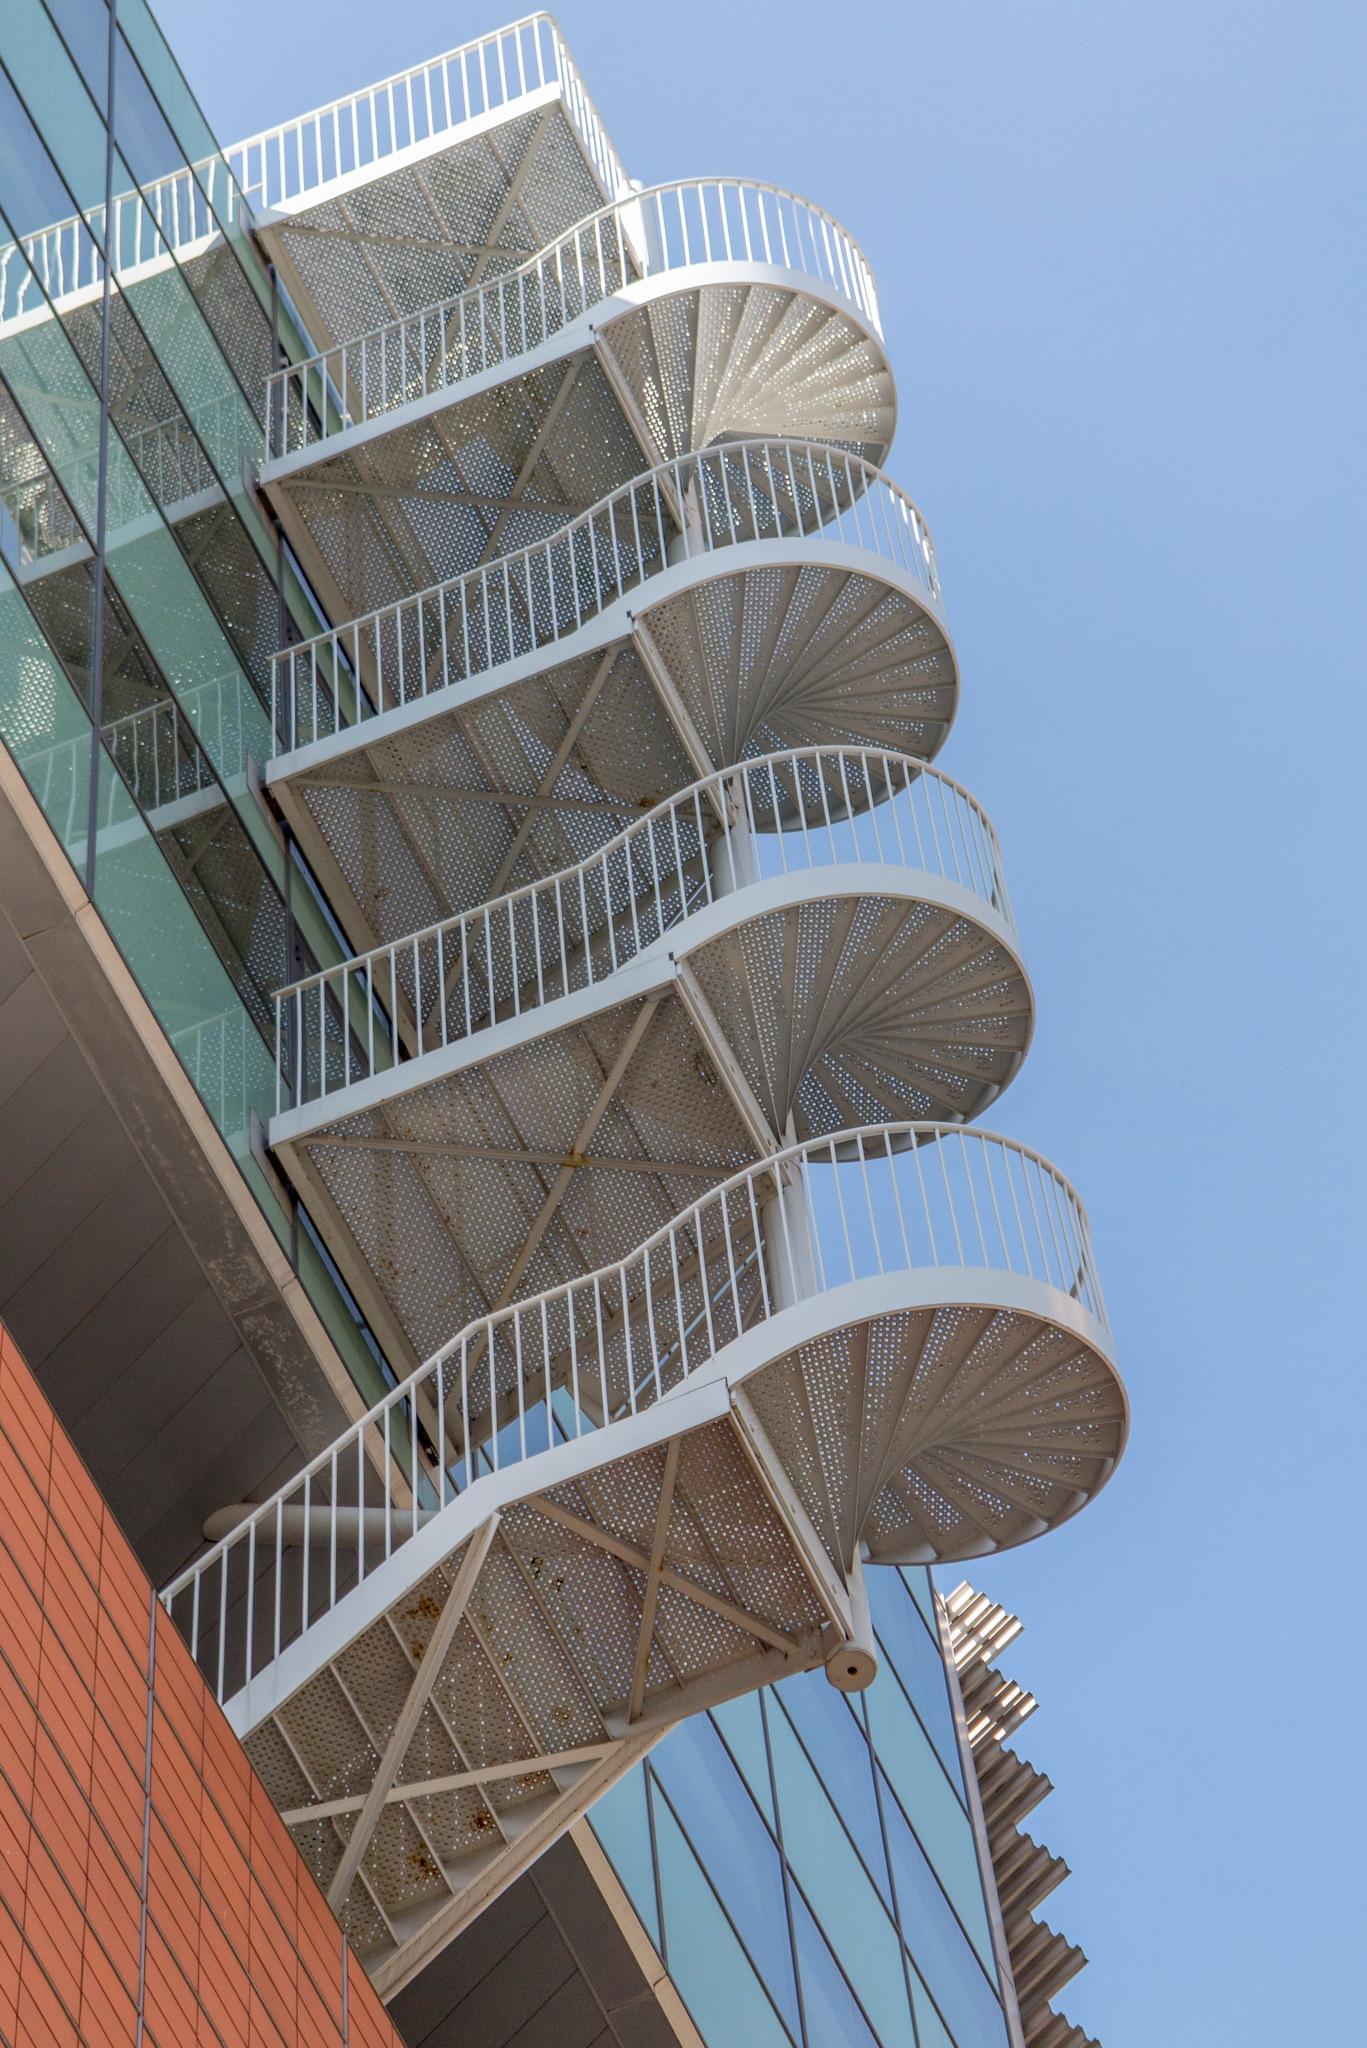 Stairs by Jos van der Zon